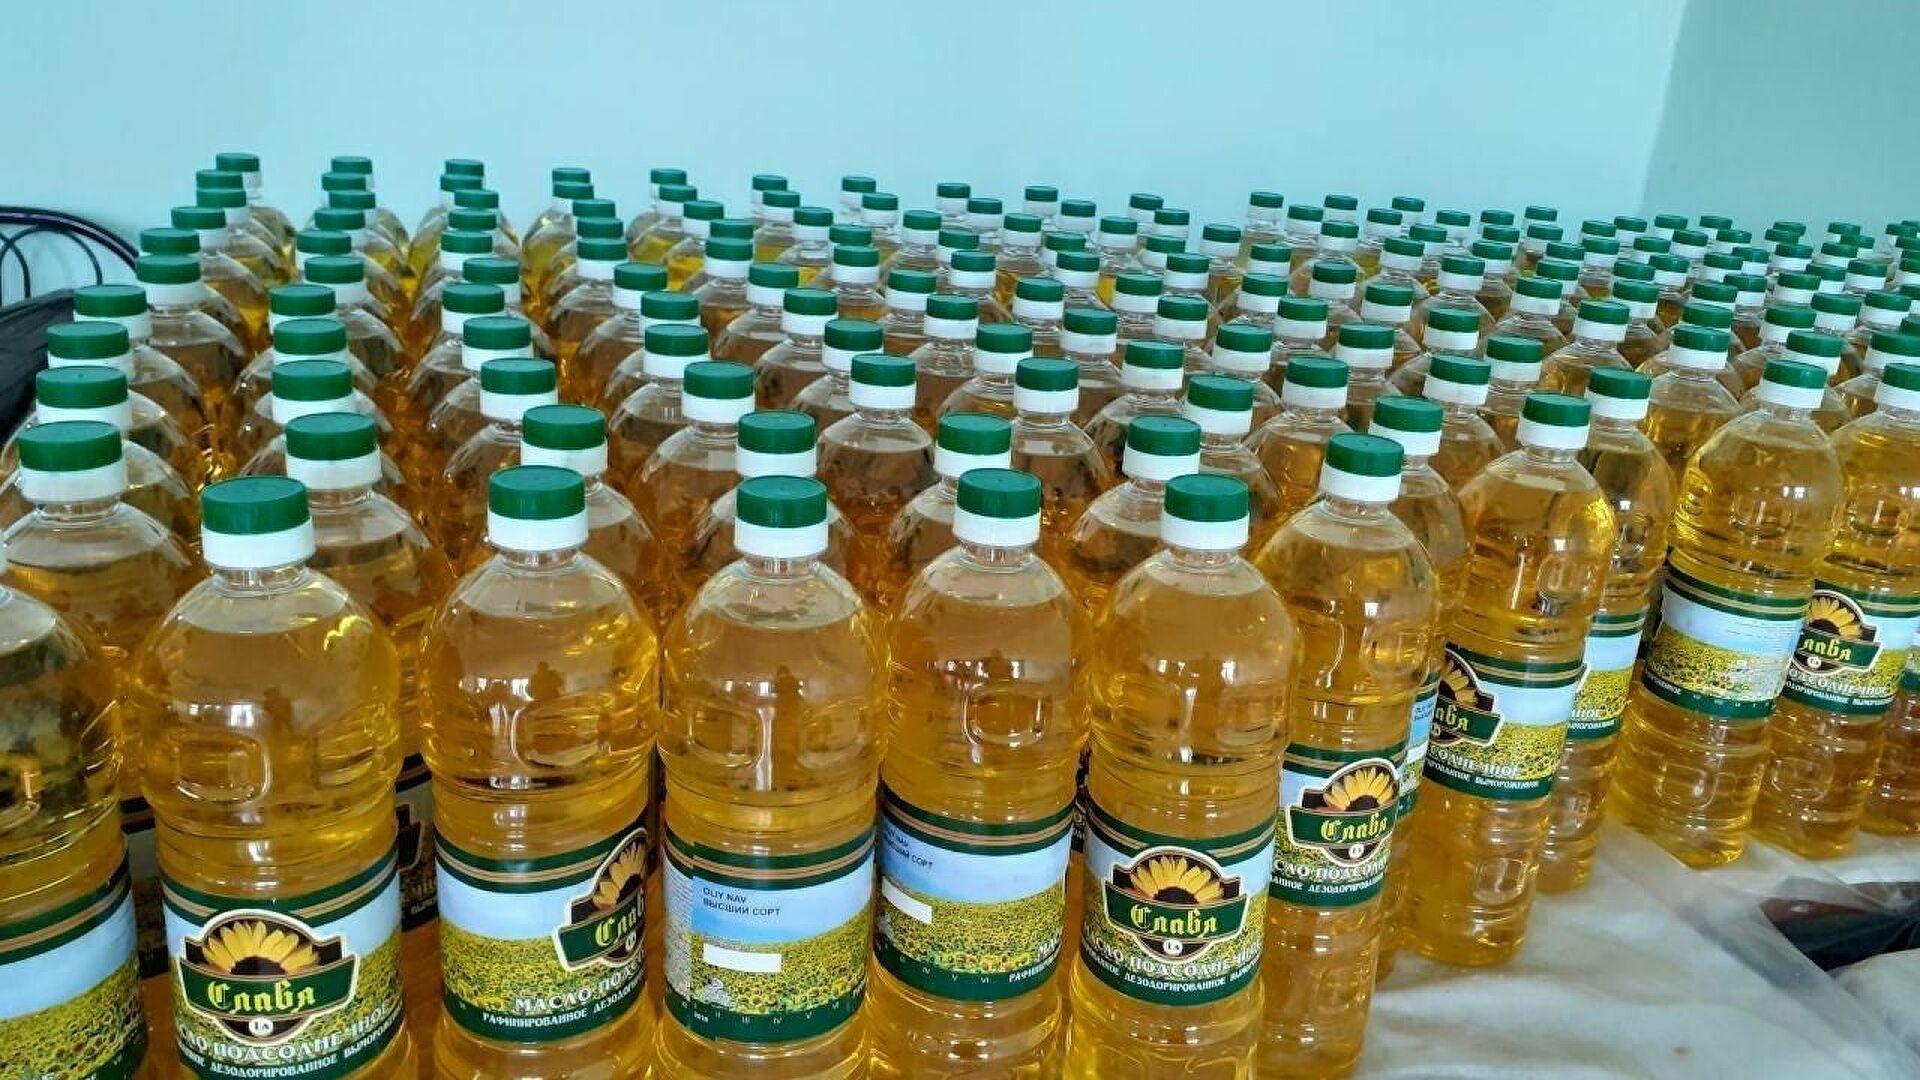 Антимонопольный комитет усилит контроль над ценообразованием хлопкового масла